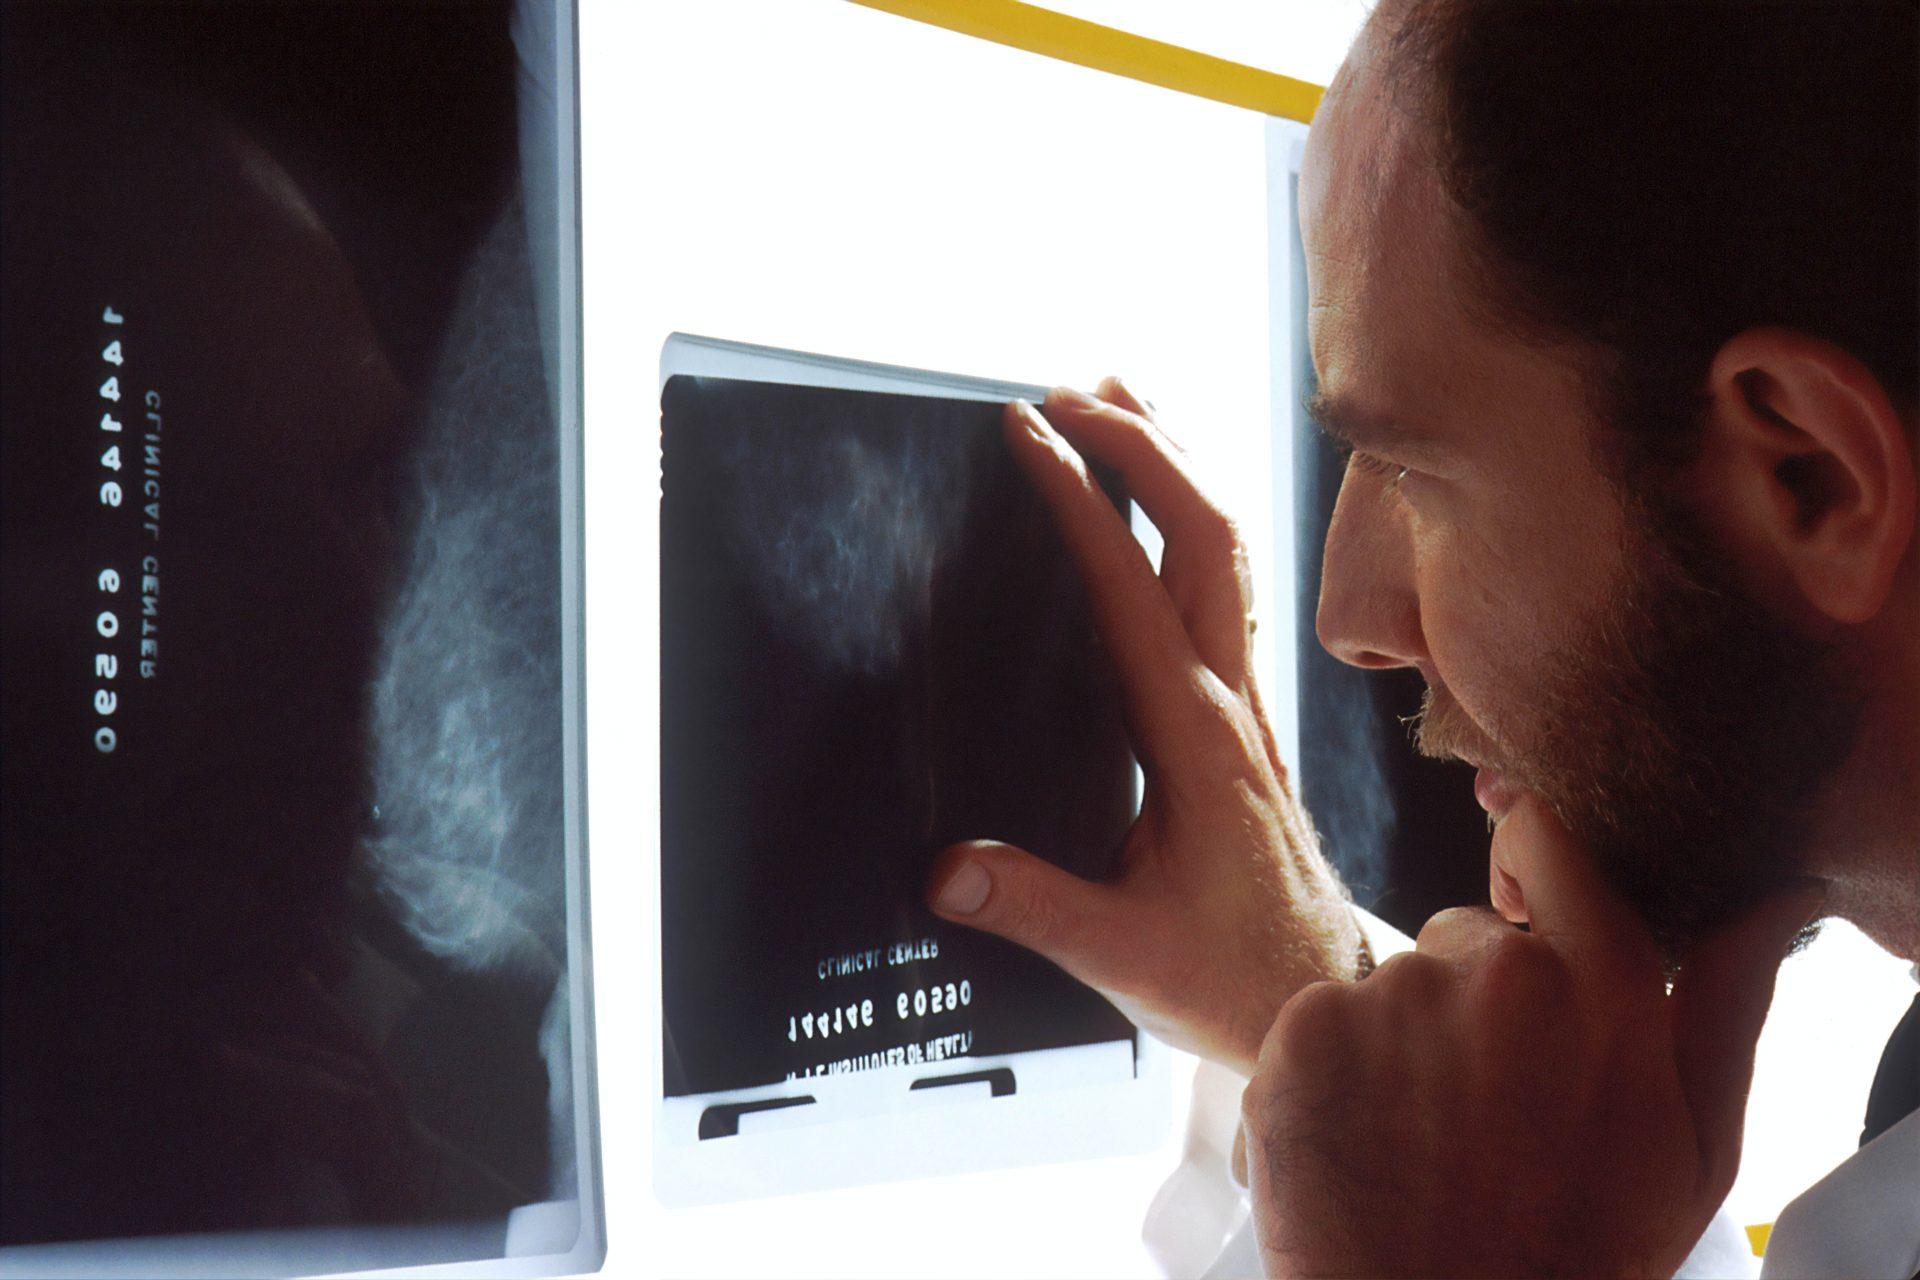 radioloski tehnicar, tehnolog, radiographer